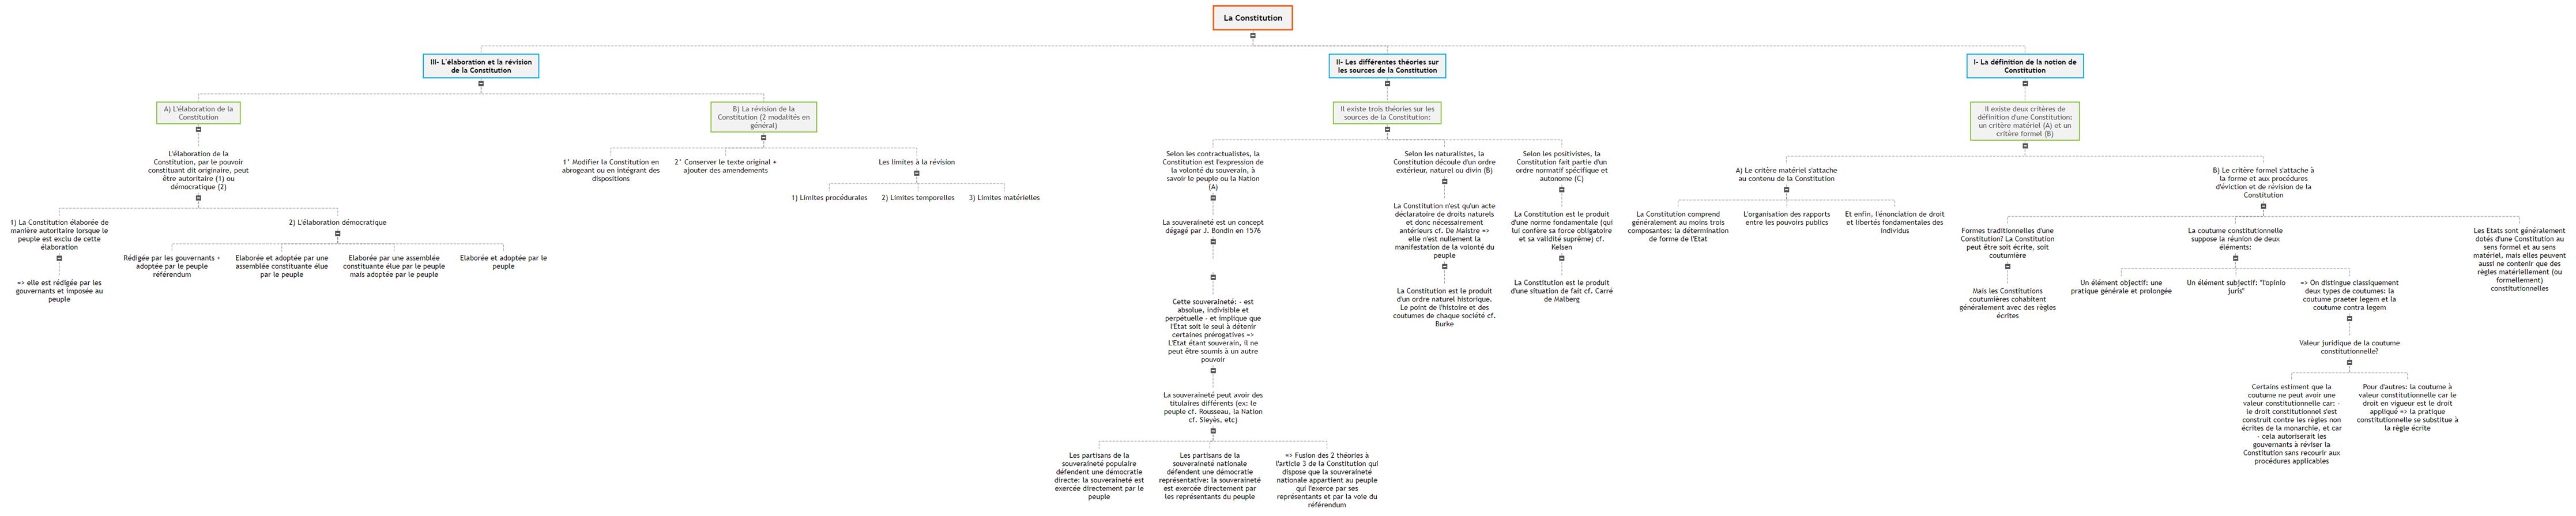 La Constitution1 Mind Map